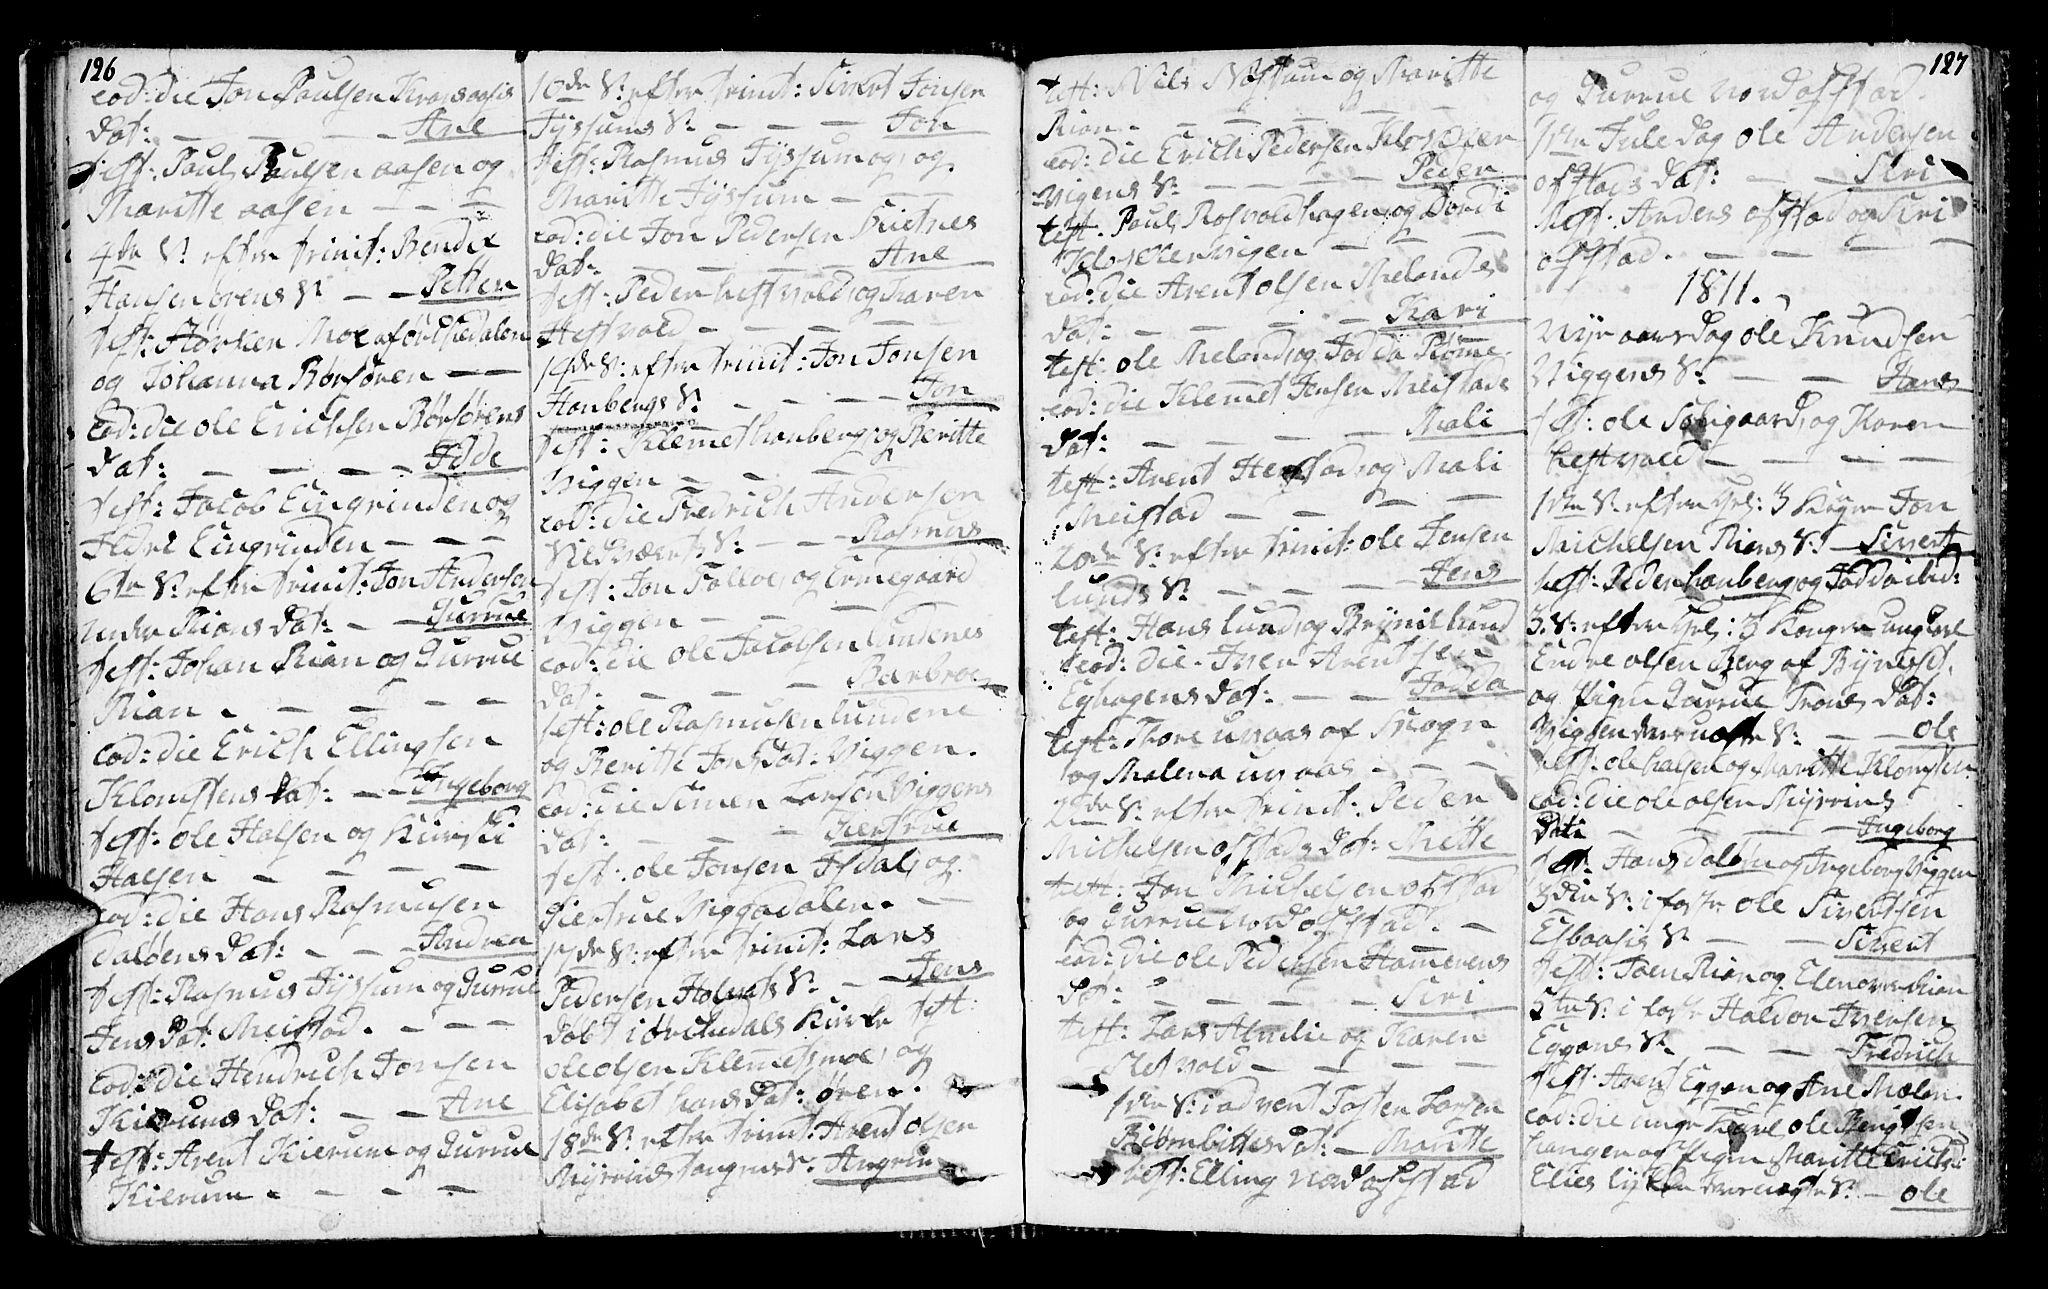 SAT, Ministerialprotokoller, klokkerbøker og fødselsregistre - Sør-Trøndelag, 665/L0769: Ministerialbok nr. 665A04, 1803-1816, s. 126-127